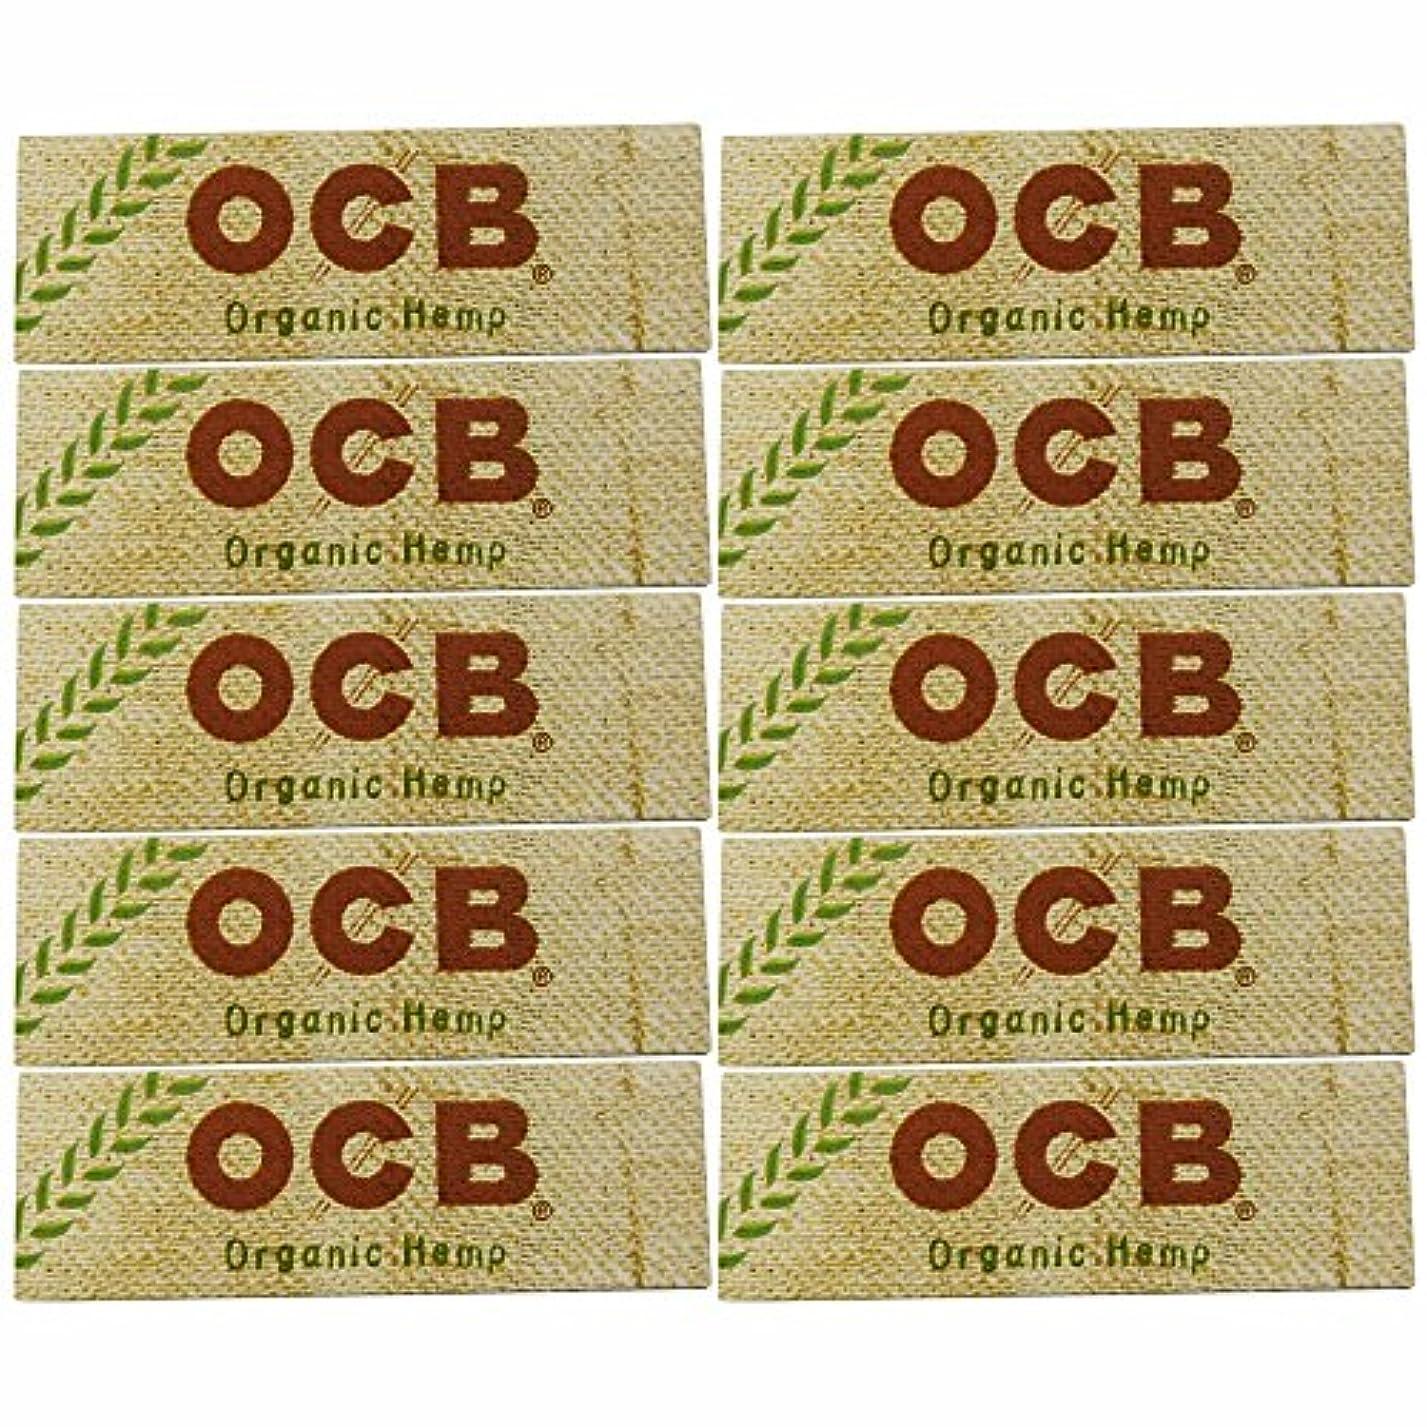 ペア哀れな地元ocb オーシービー オーガニックヘンプ 手巻き用シングルペーパー 5.10,20個セット